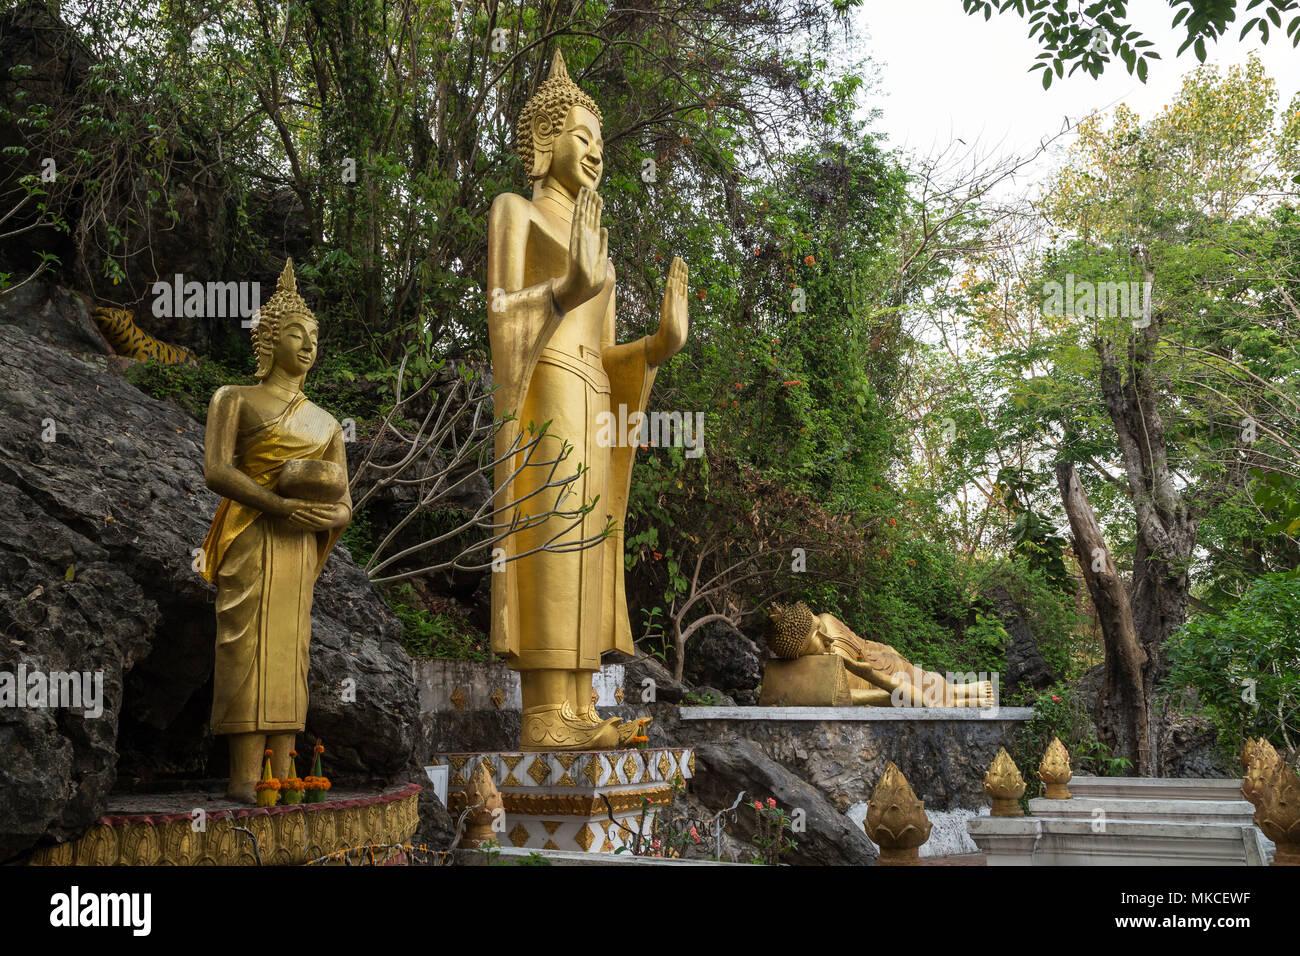 Tre Golden Statue di Buddha presso il Monte Phousi (Phou Si, Phusi, Phu Si) a Luang Prabang, Laos. Immagini Stock